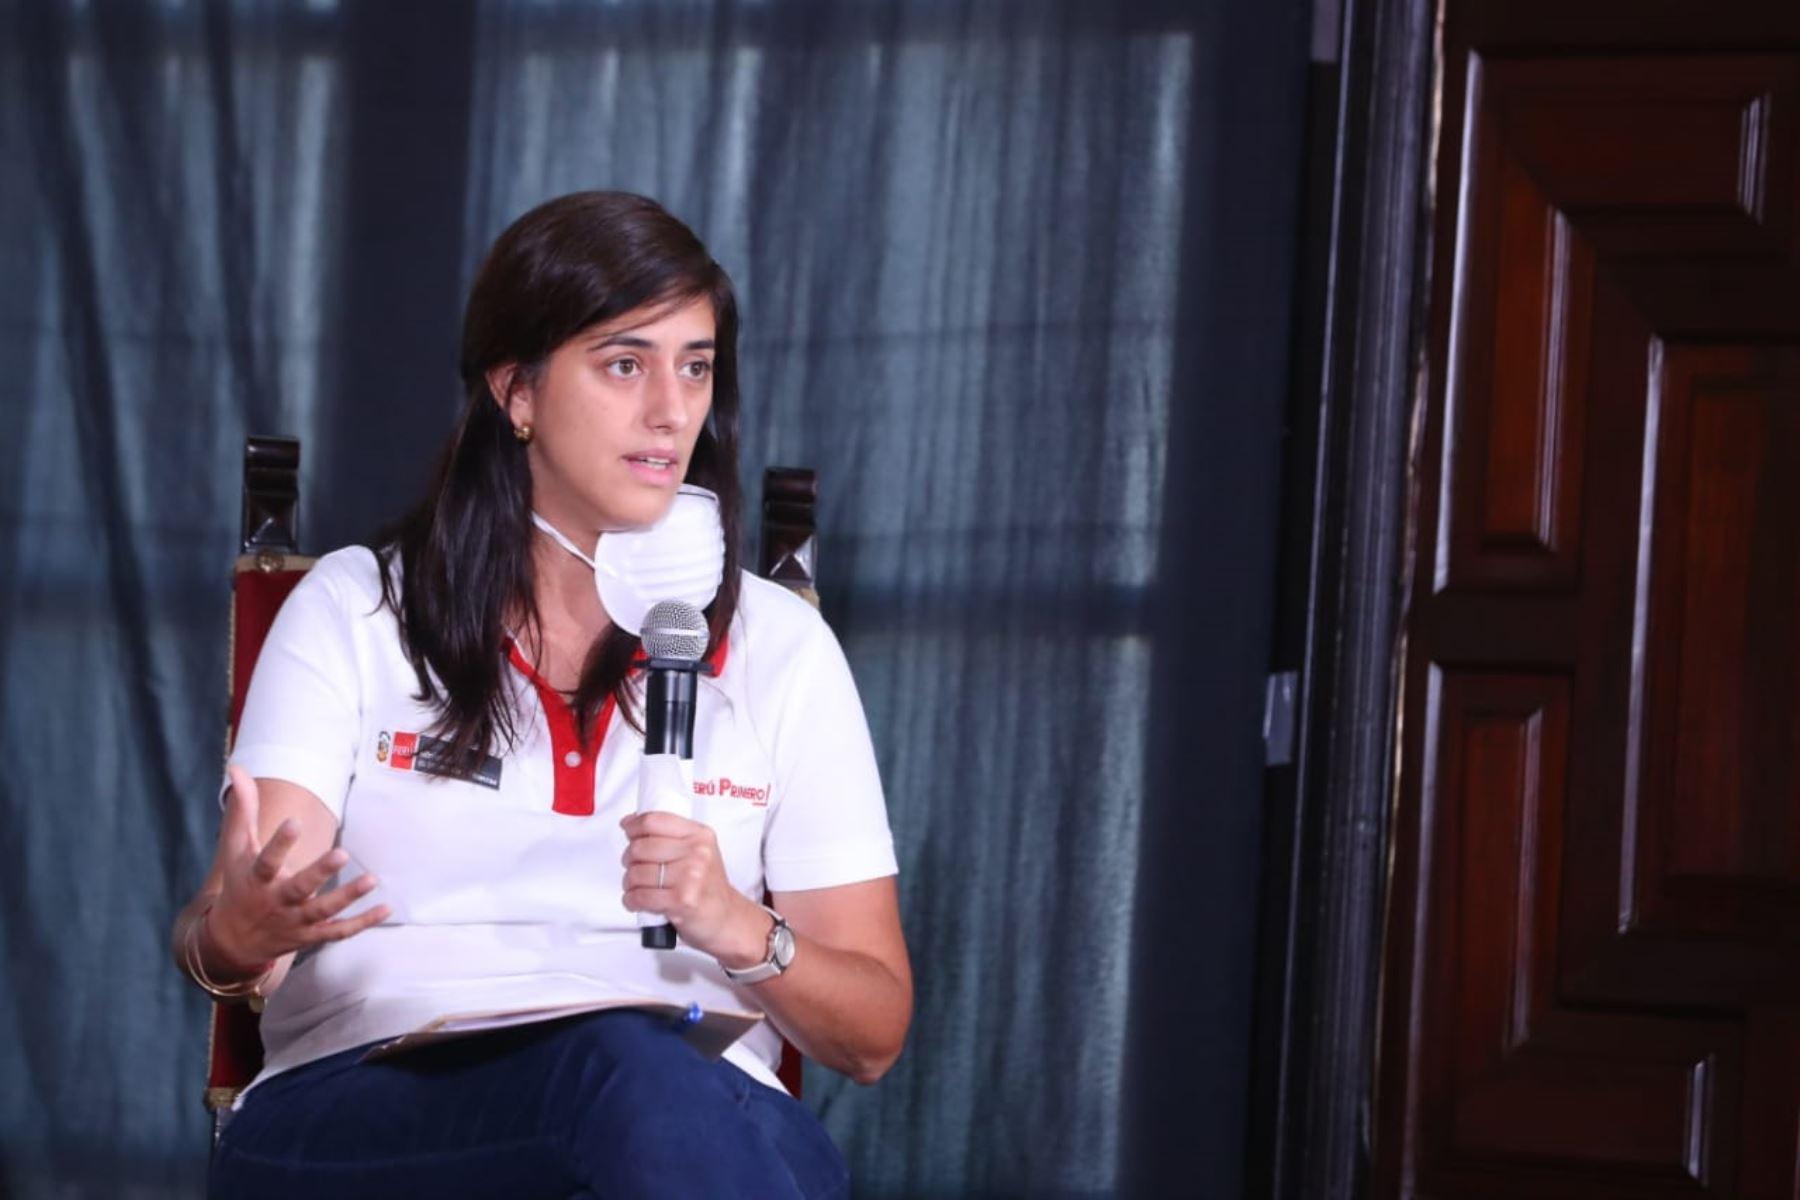 Ministra Economía, María Antonieta Alva informa sobre las medidas y acciones que implementa su sector, frente al  Estado de Emergencia Nacional. Foto:ANDINA/Prensa Presidencia